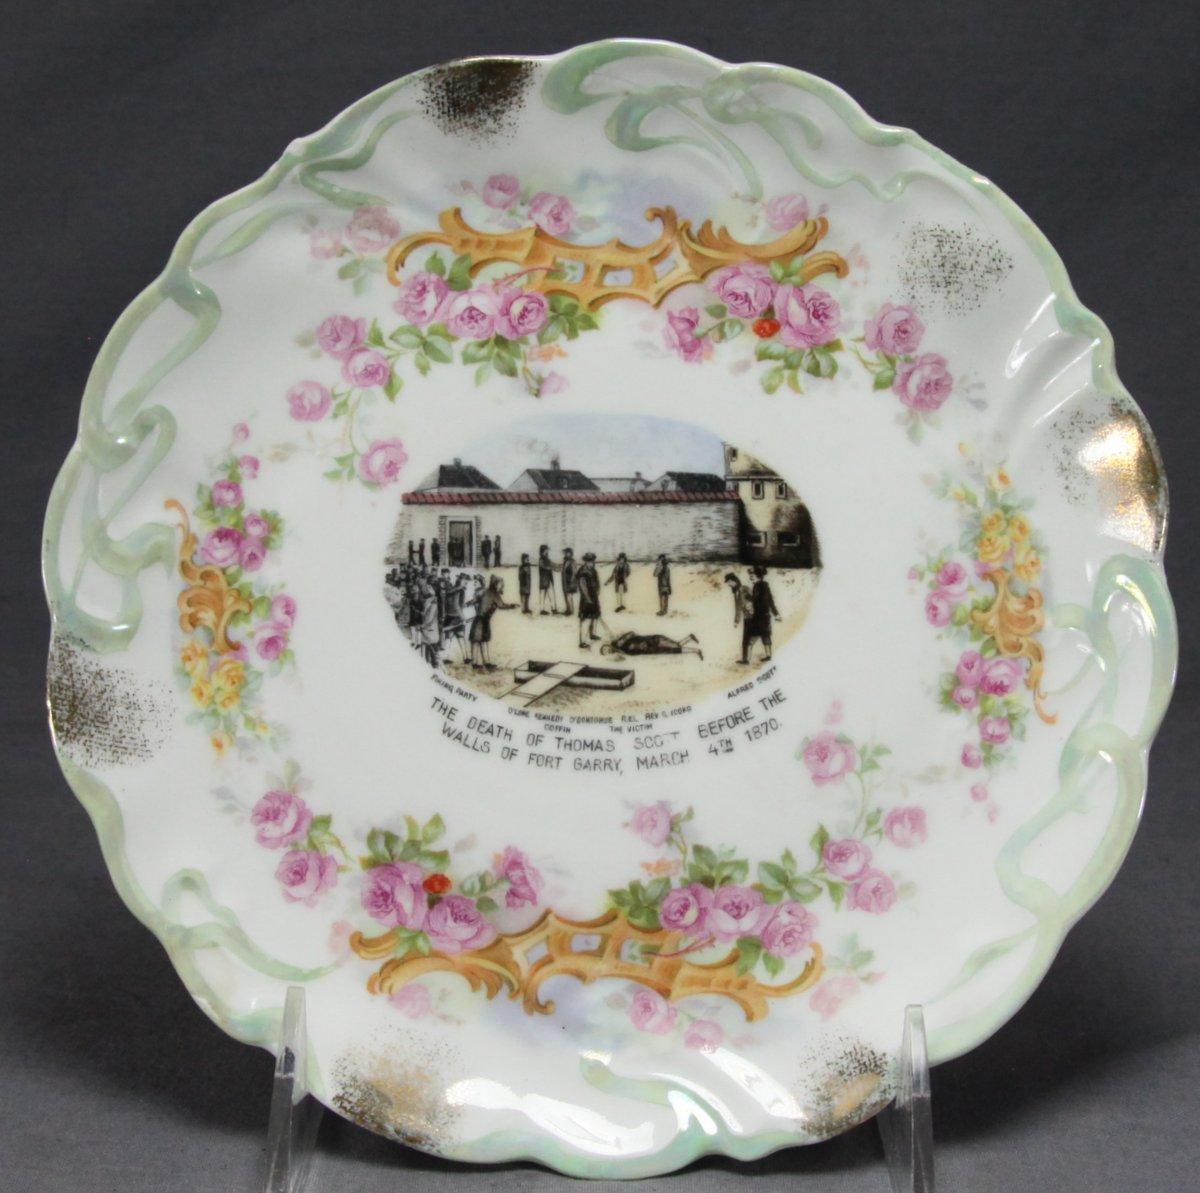 Riel Rebellion Souvenir Plate